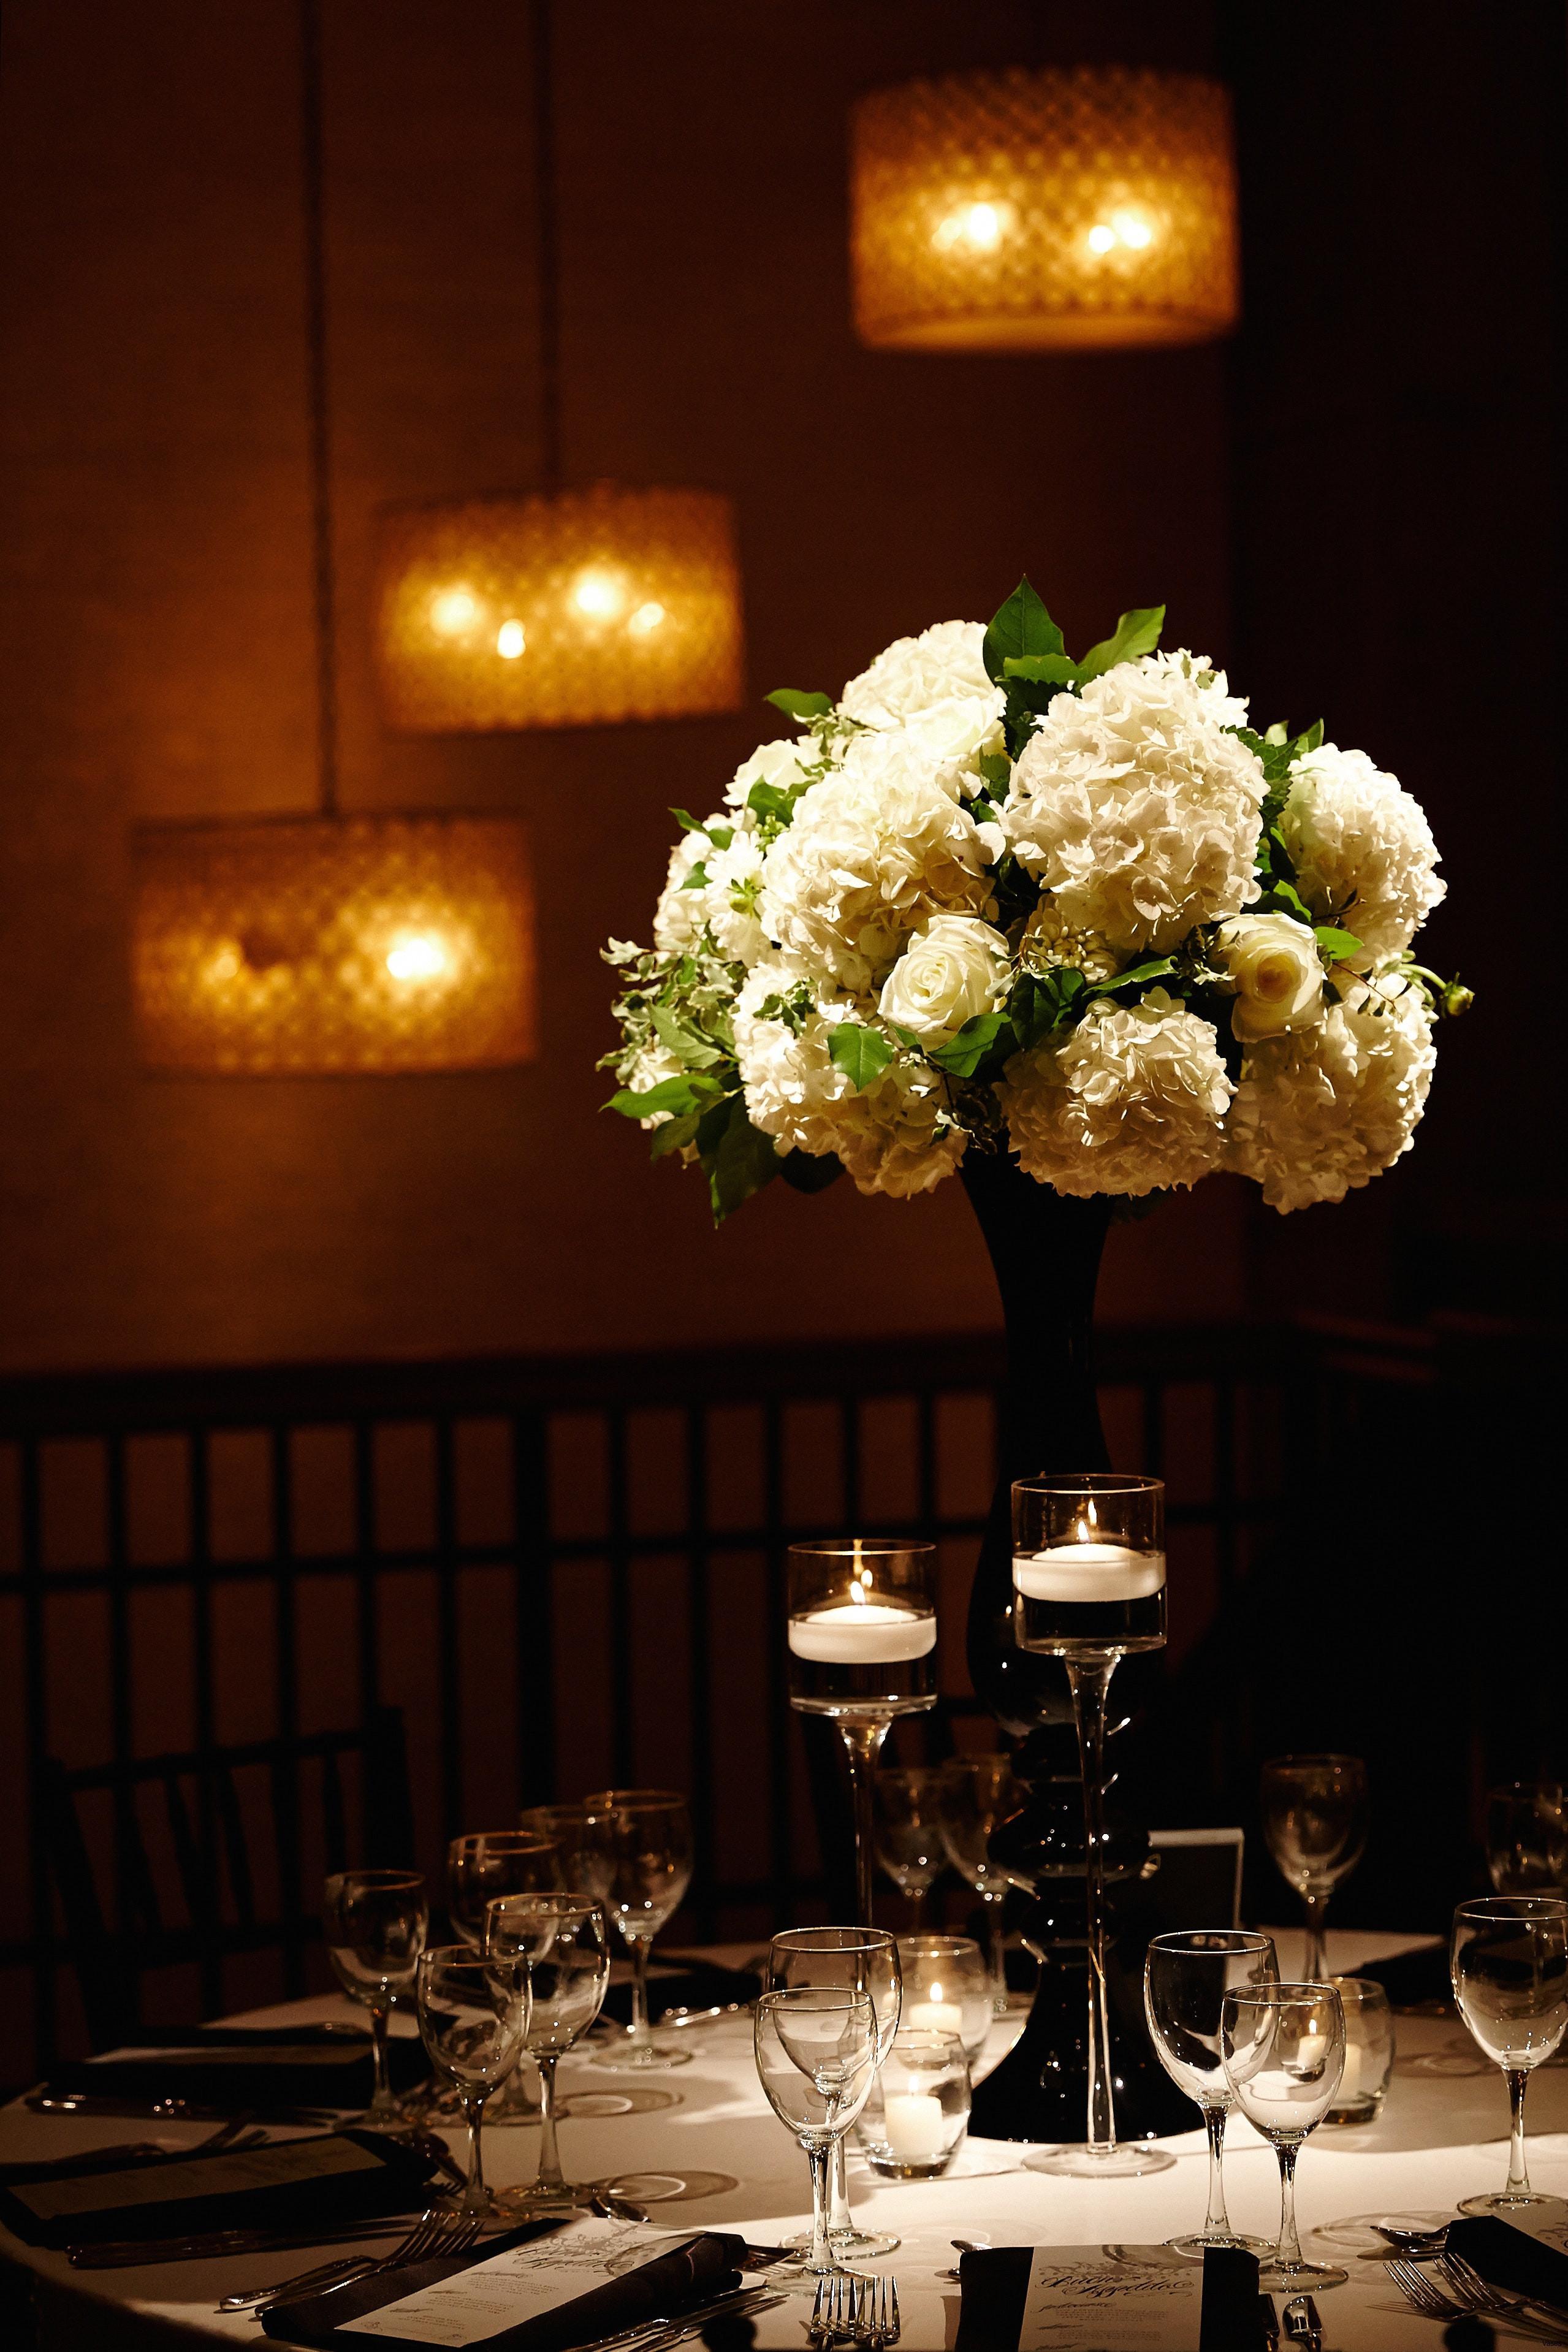 tall slim floor vase of 20 inspirational tall white vase bogekompresorturkiye com for il fullxfull h vases black vase white flowers zoomi 0d with design design tall vase